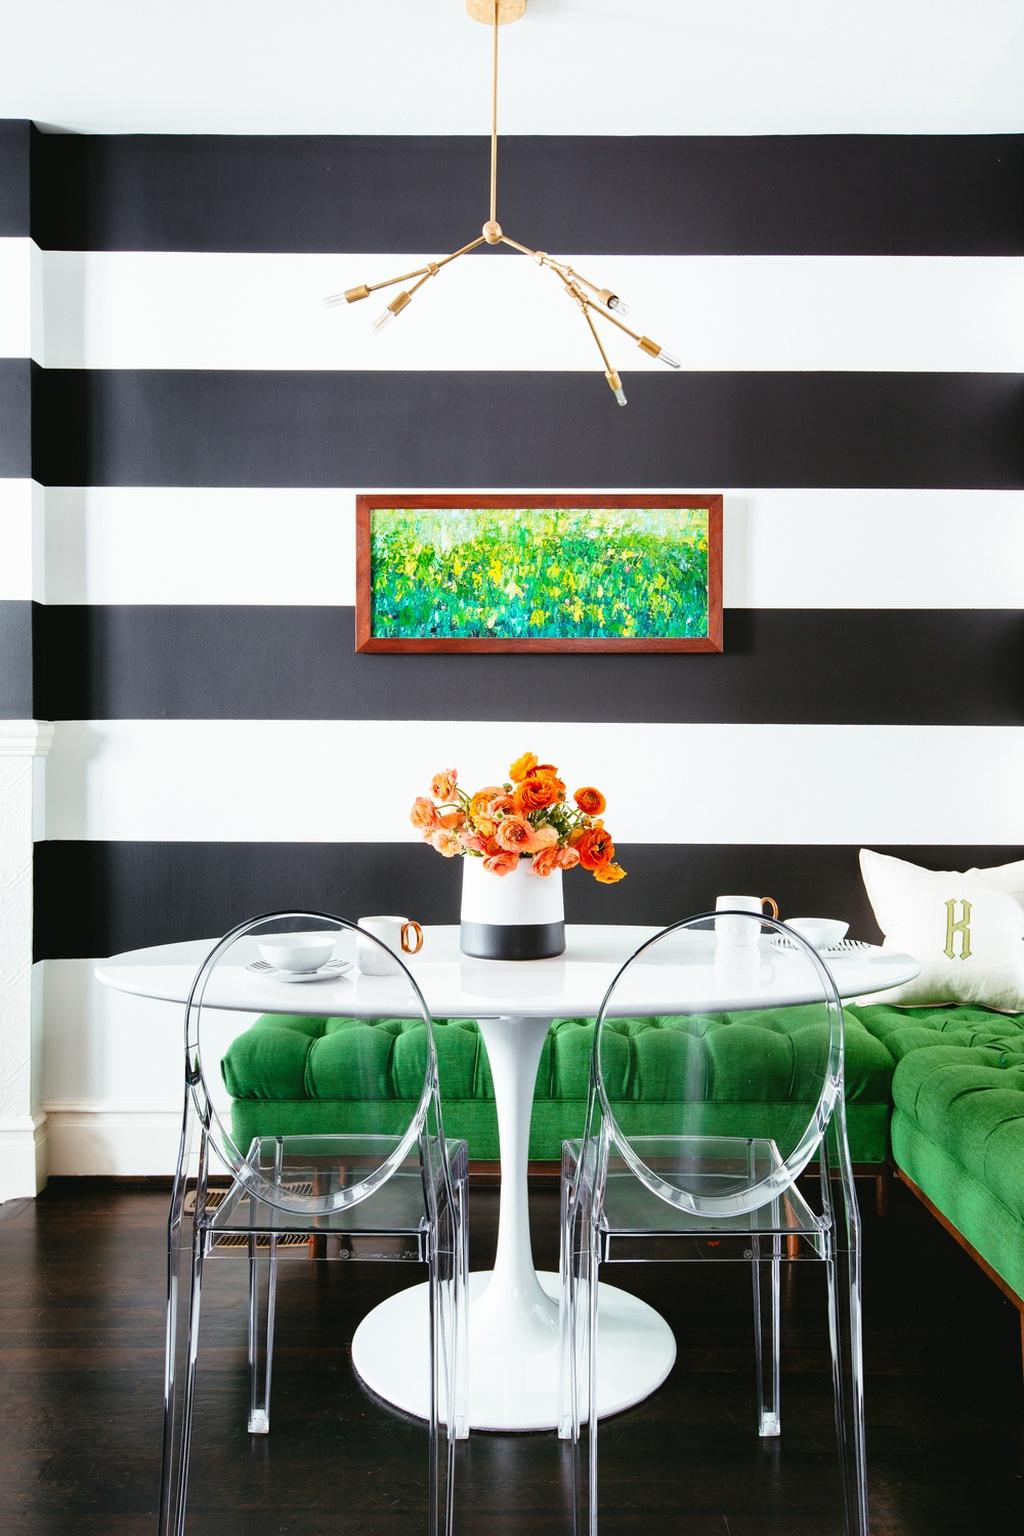 pantone-color-of-the-year-2017-greenery6 pantone color of the year 2017 Pantone Color of the Year 2017: Greenery Pantone Color of the Year 2017 Greenery6